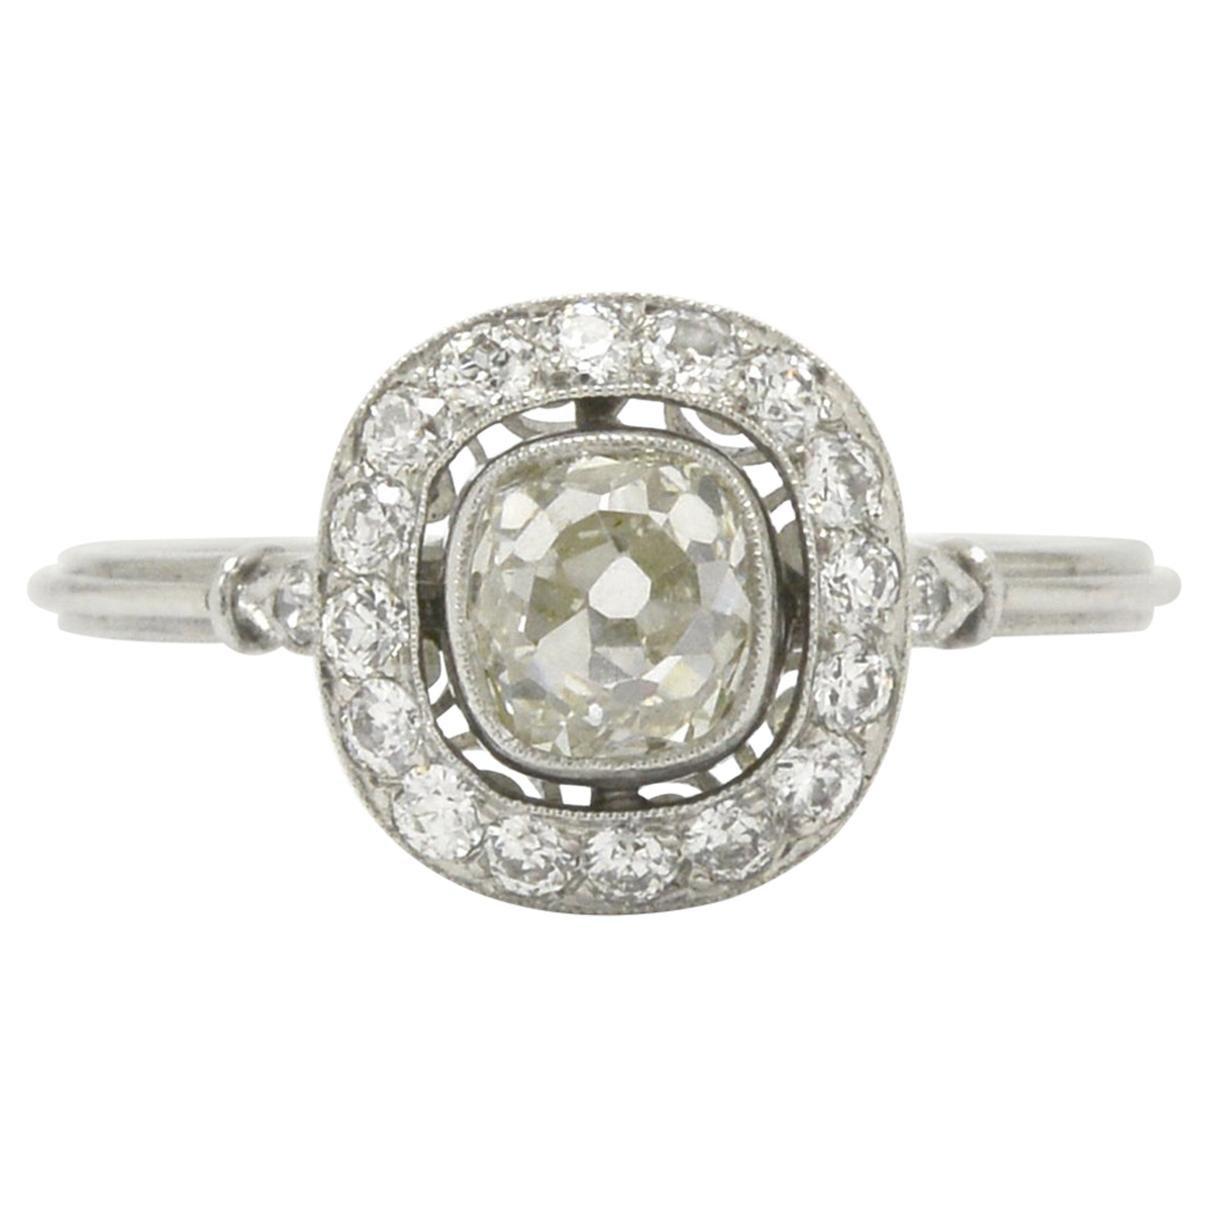 Antique Cushion Diamond Engagement Ring Old Mine Cut Edwardian Style Halo